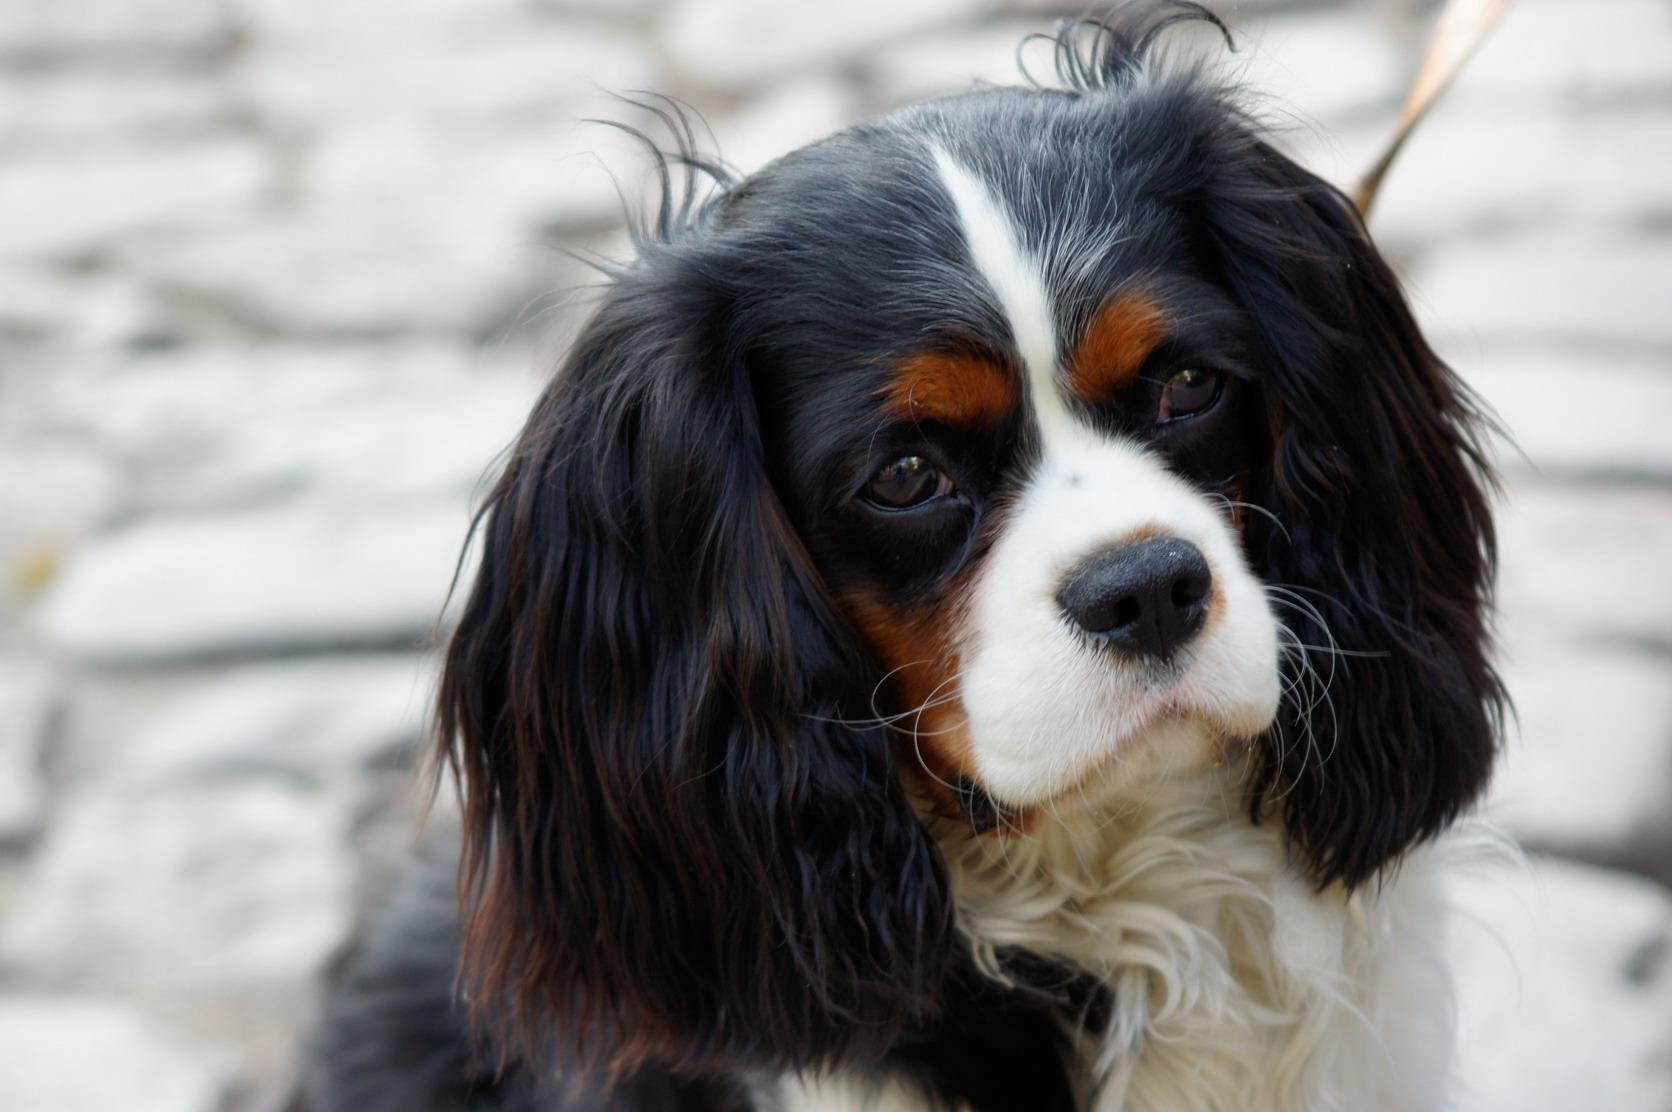 dog breeds for cuddling